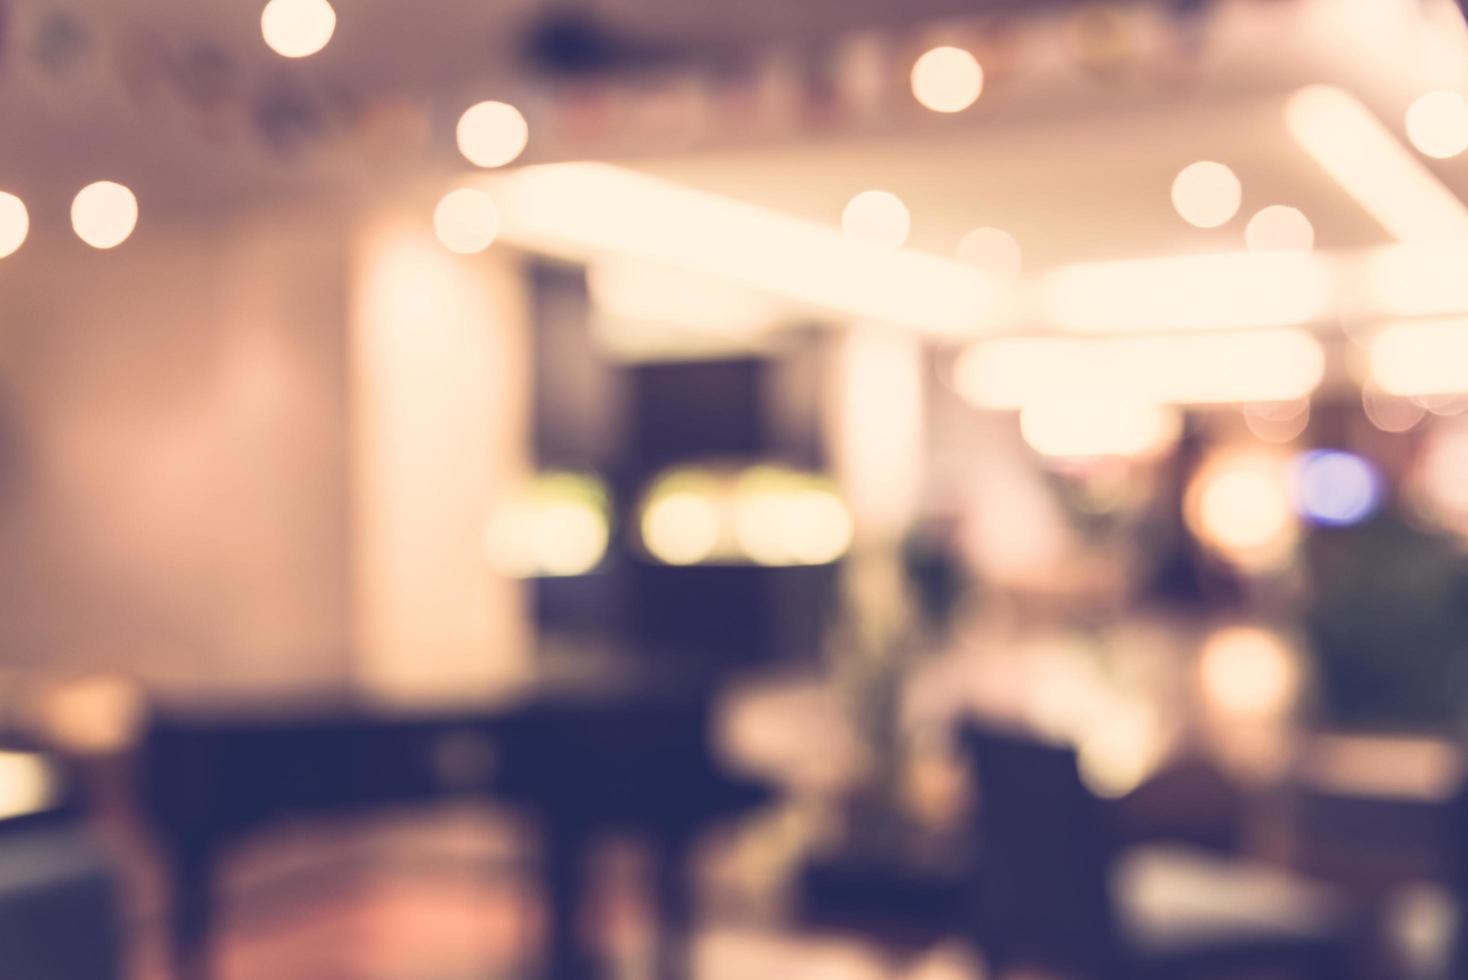 Fond de restaurant flou abstrait - filtre vintage photo